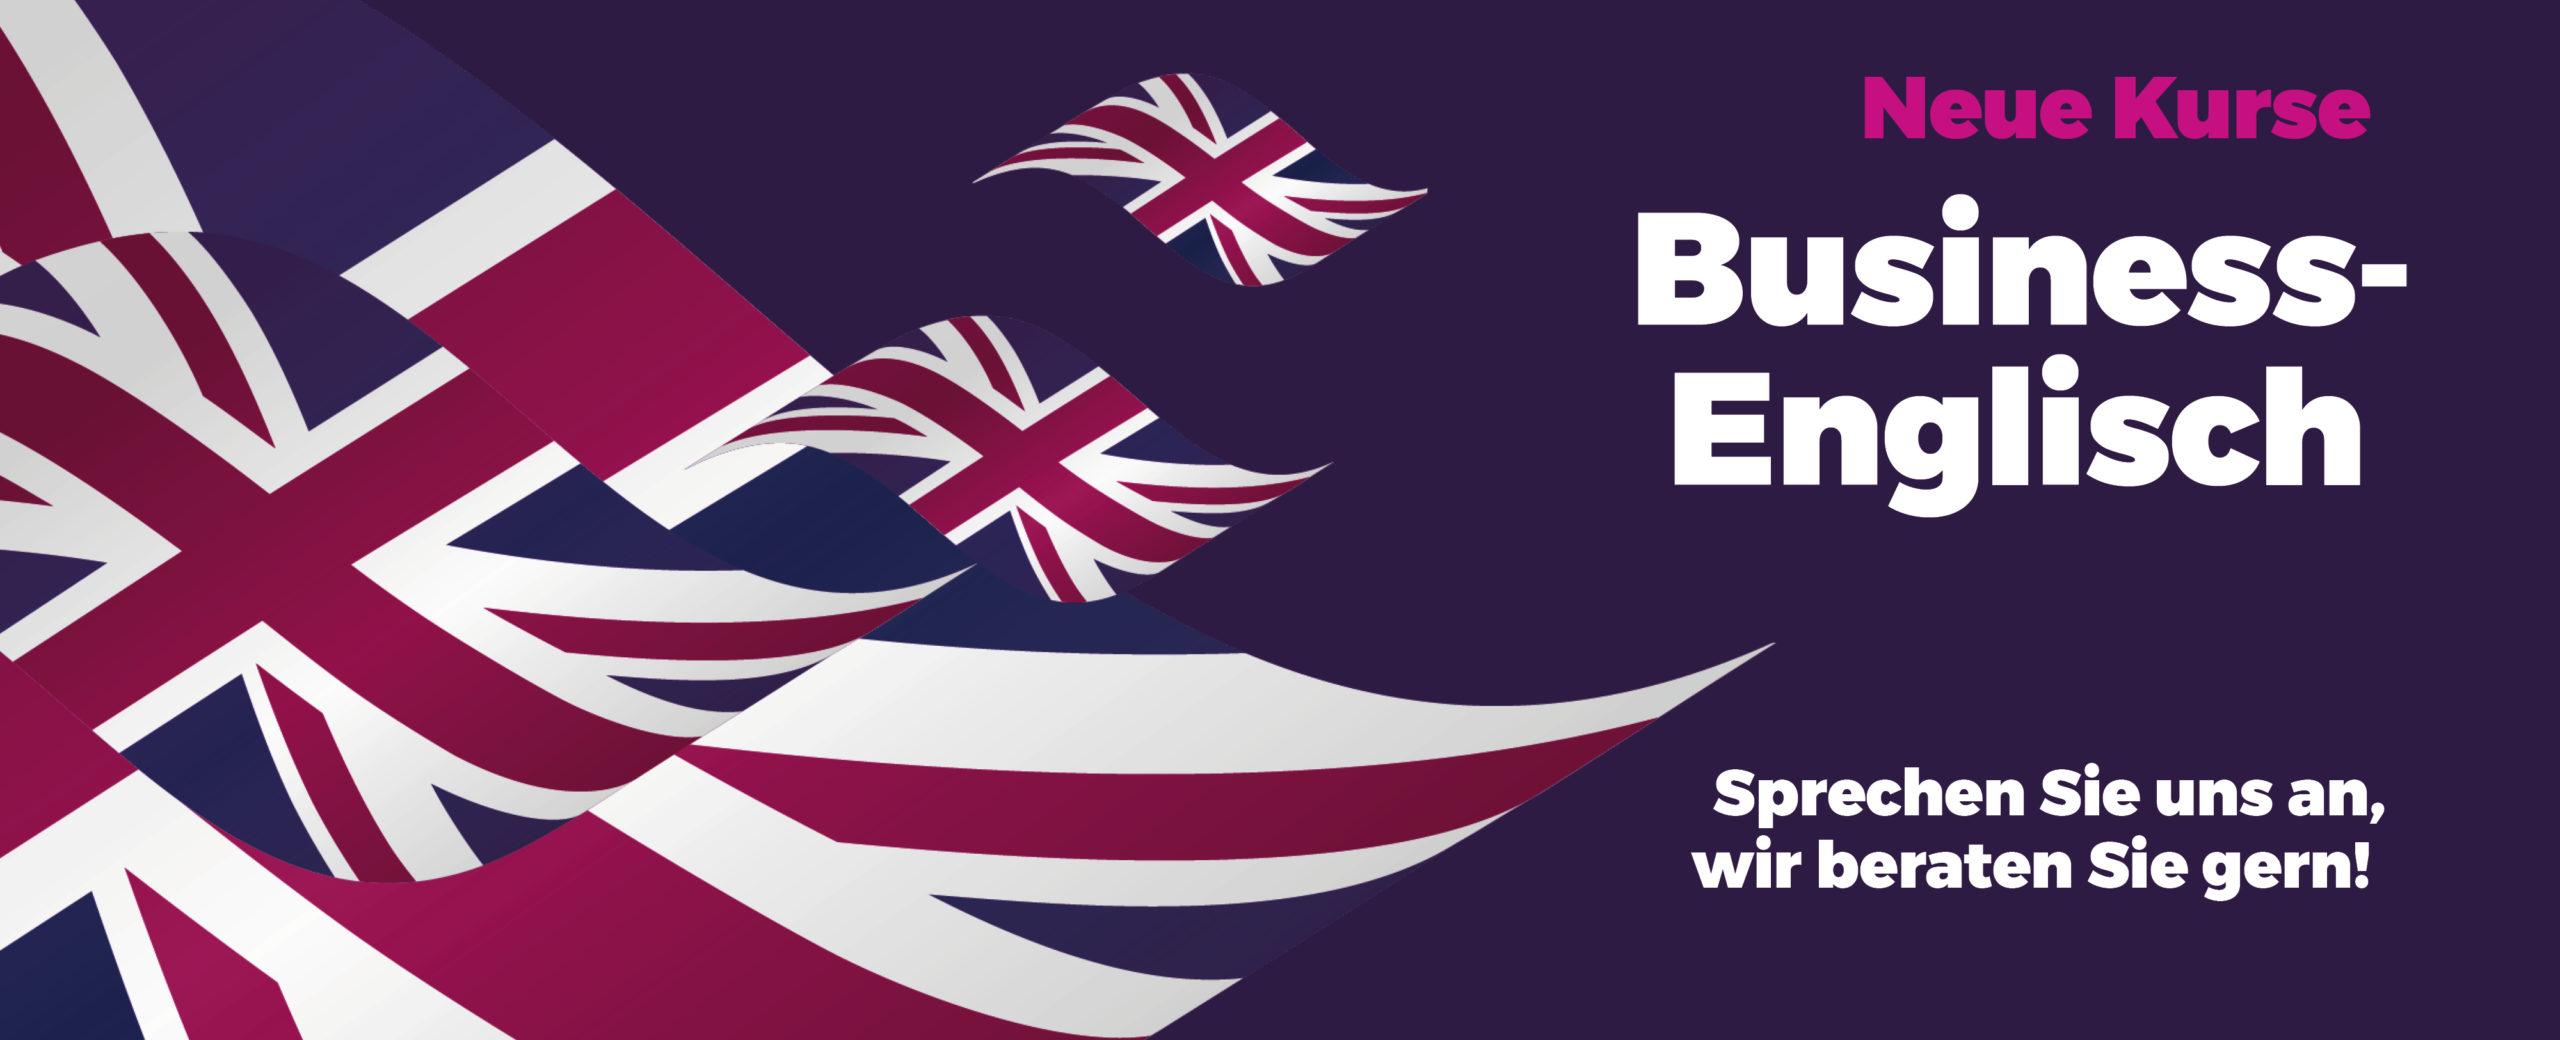 Neuer Kurs: Business English